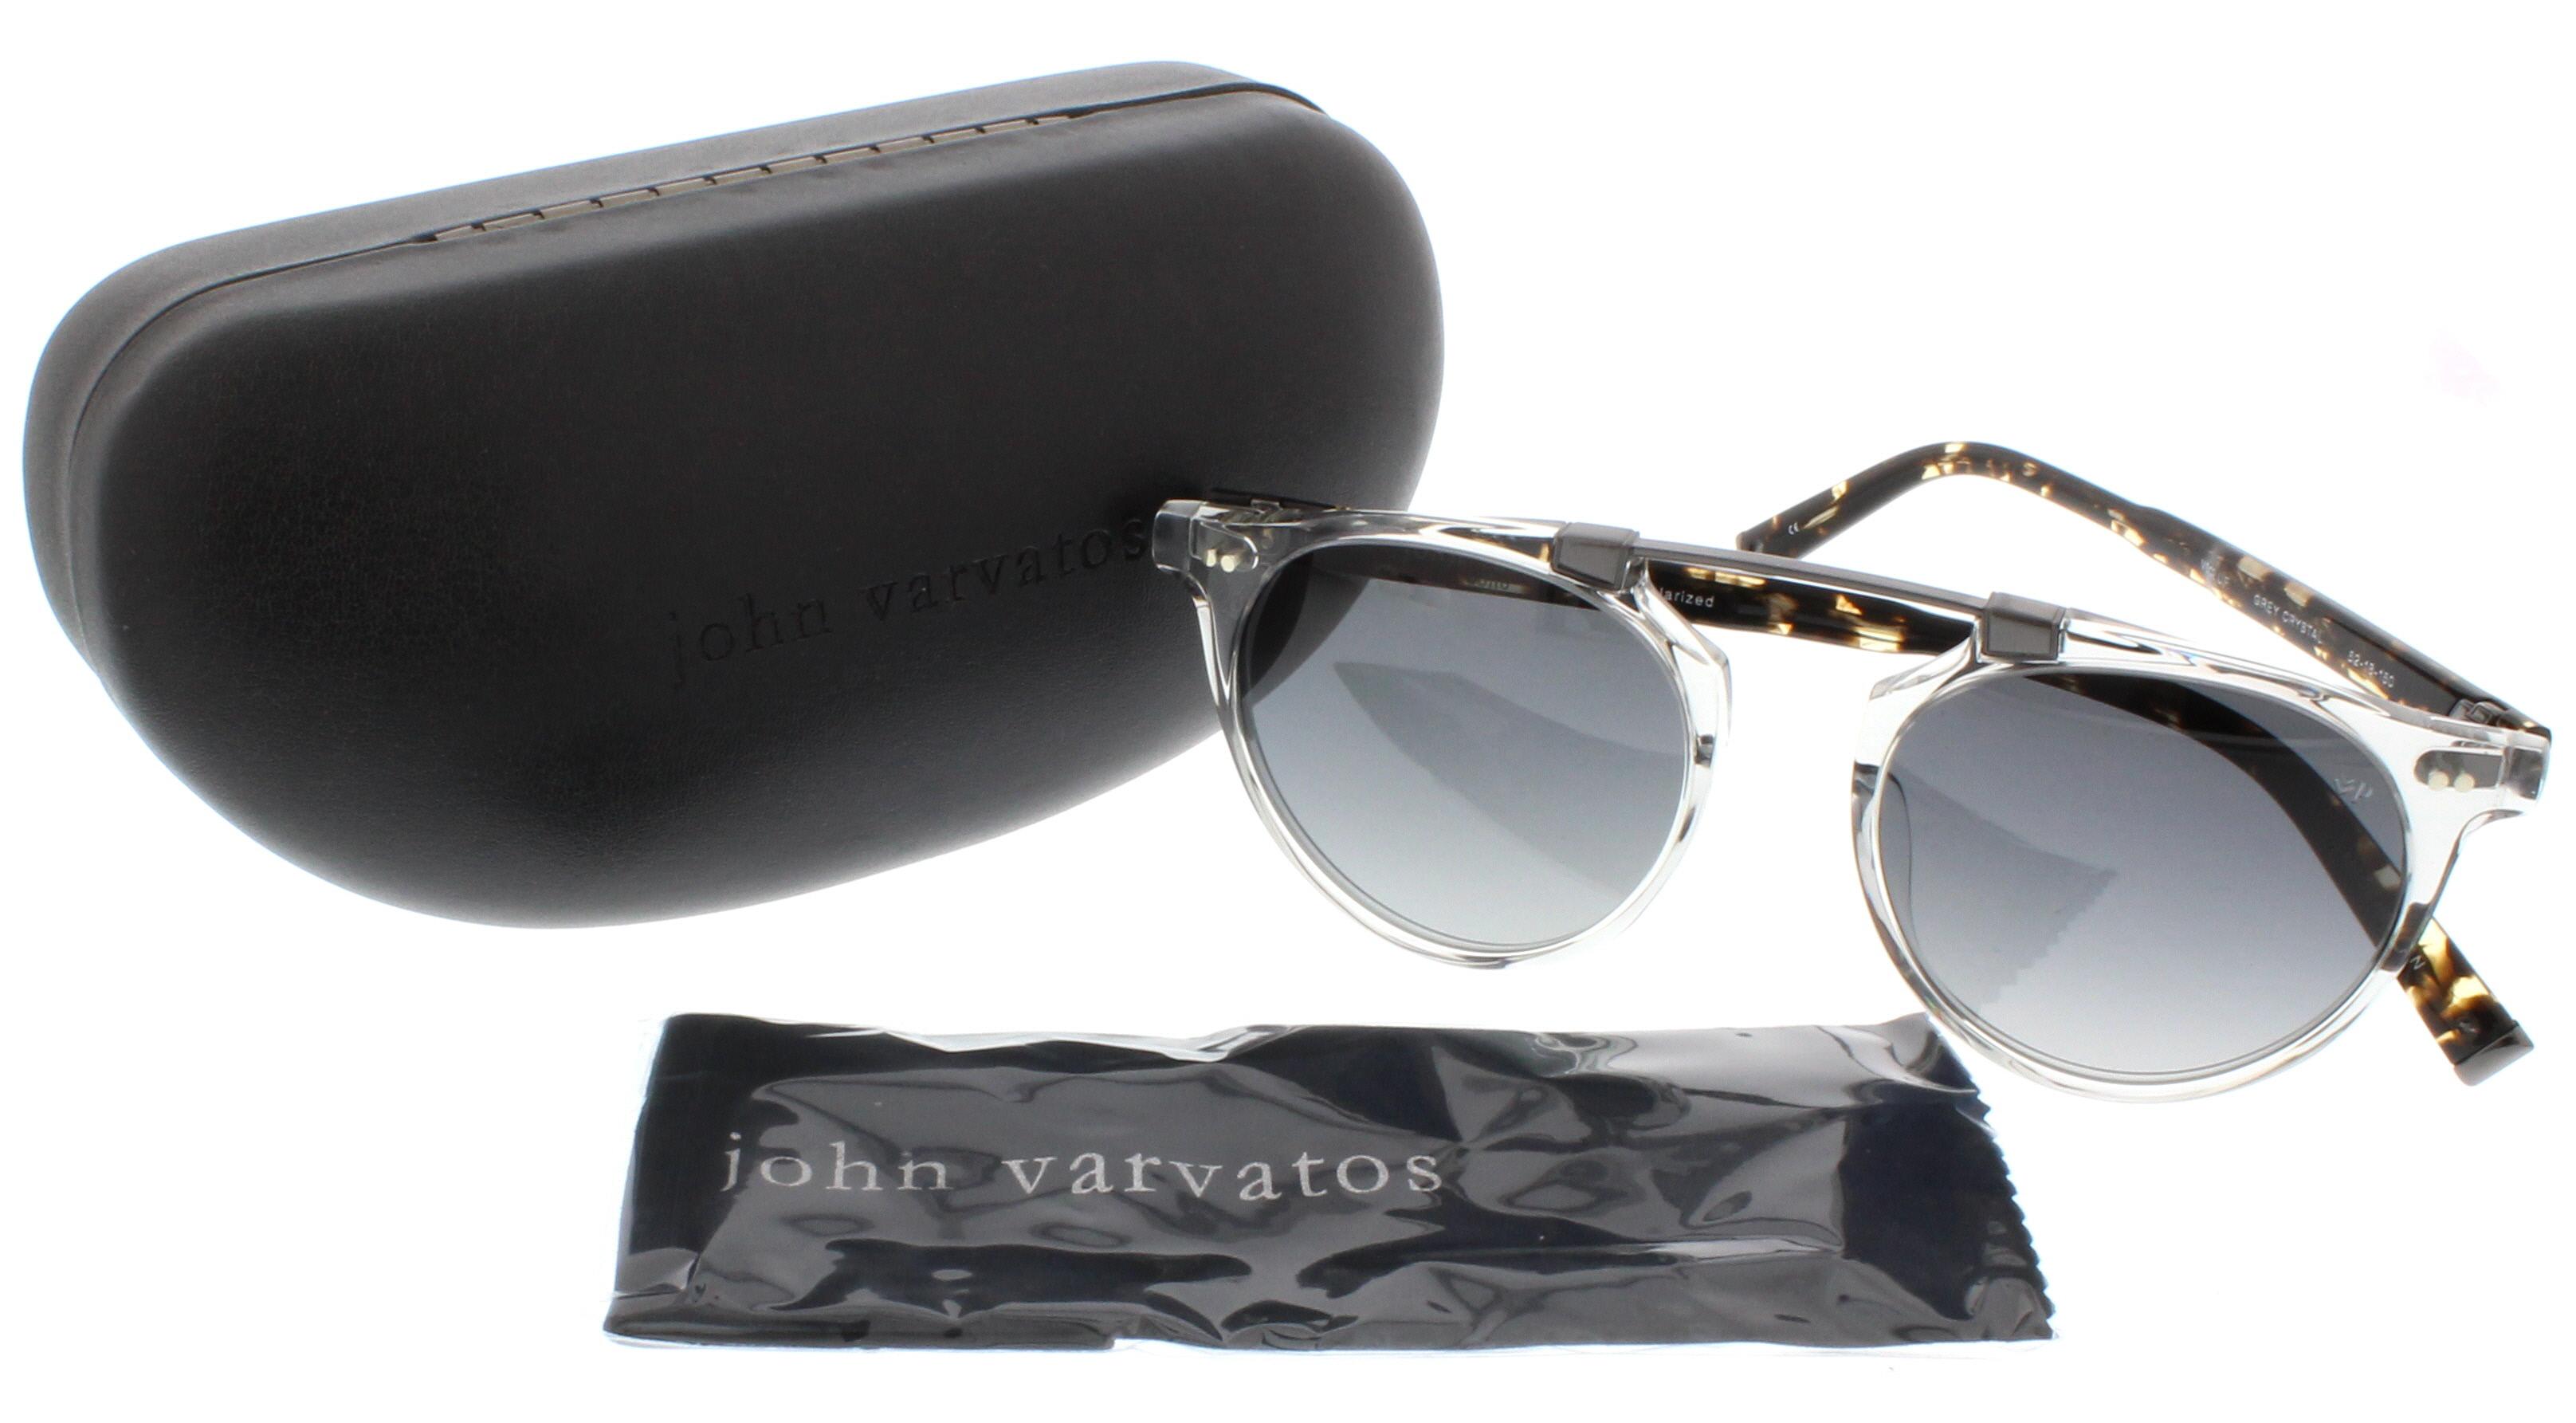 729ec6da8a John Varvatos V 361 Universal Fit Eyeglasses Source · Designer Frames  Outlet John Varvatos V602 UF